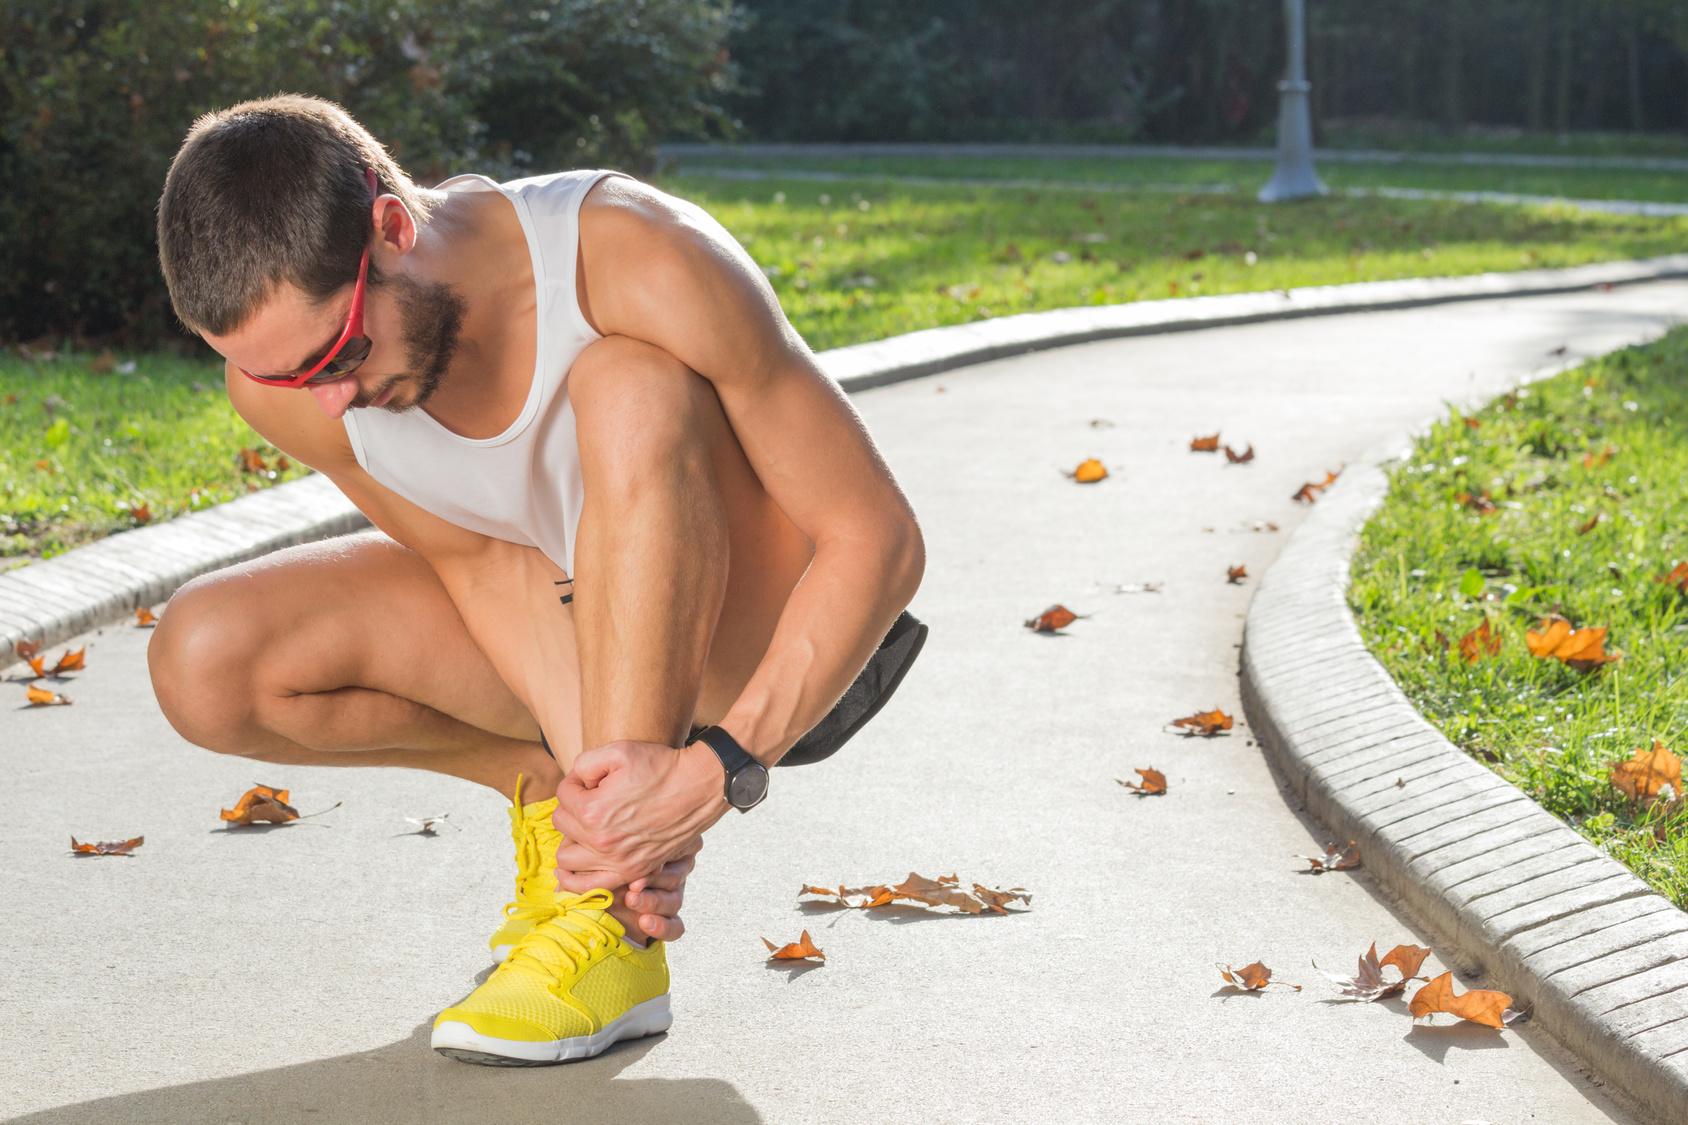 Se você já está com dor, forçar a corrida vai doer mais ainda Foto: astrosystem/Fotolia